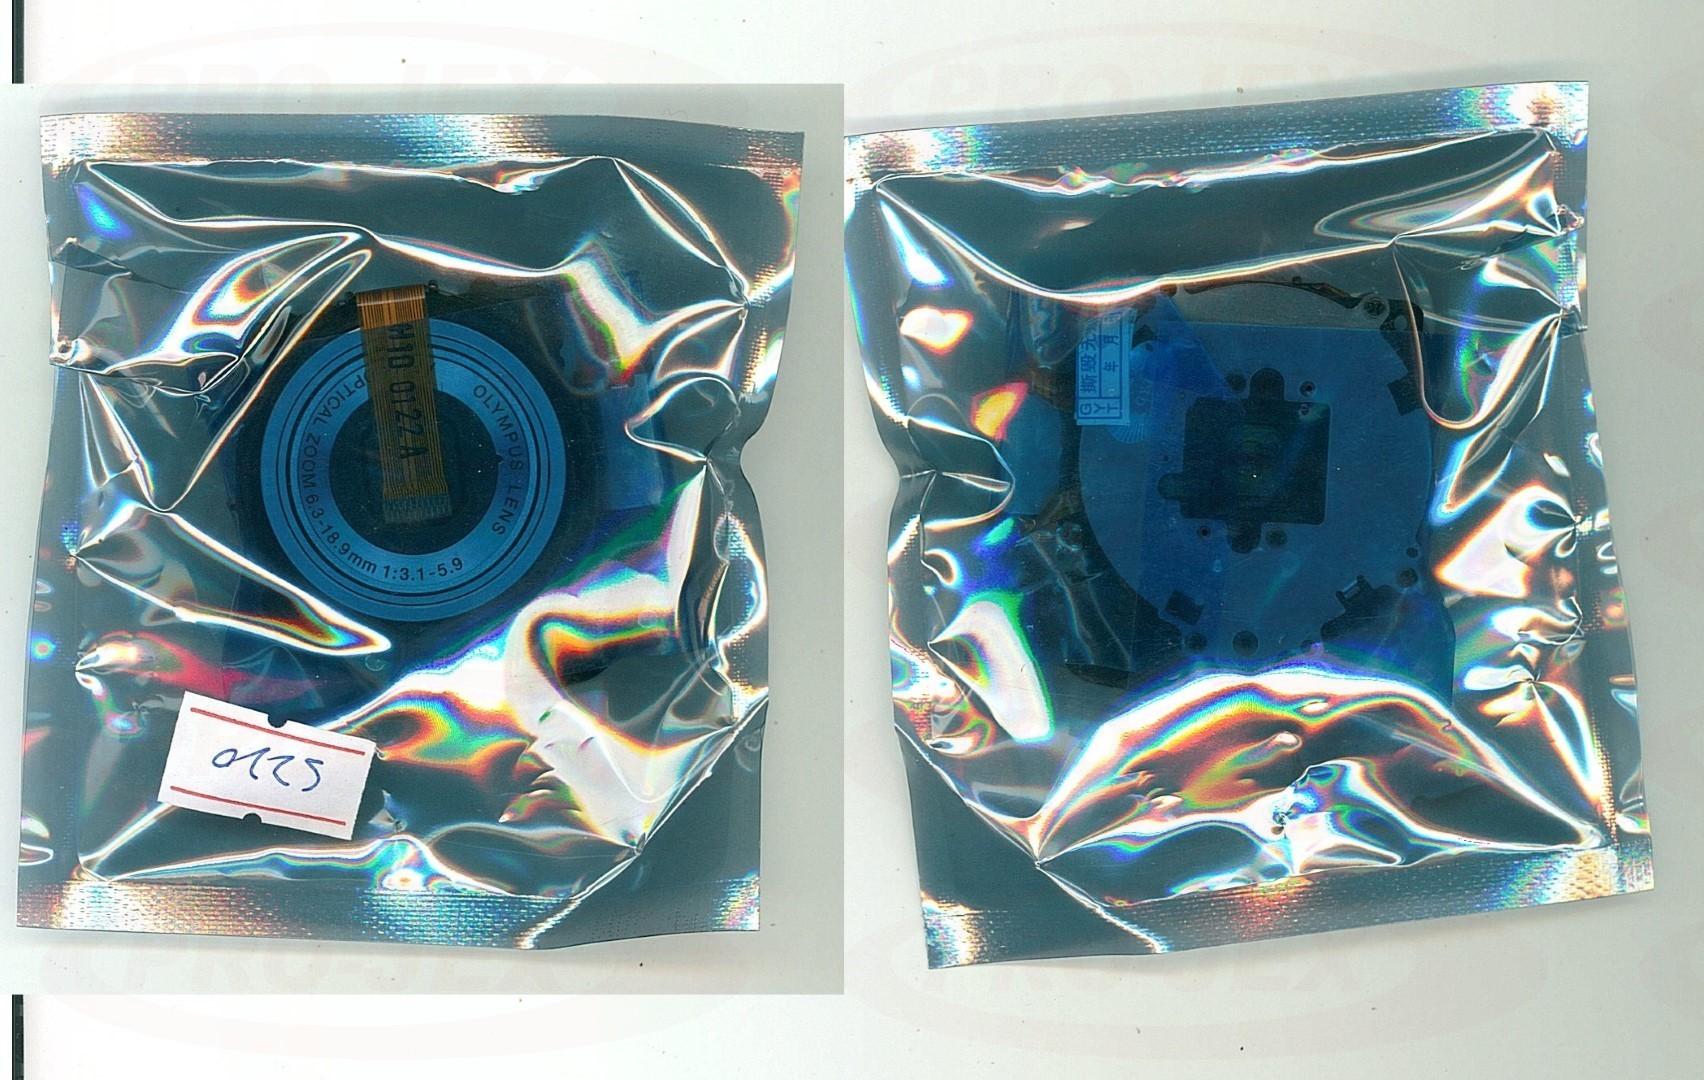 Obiektyw Nikon S210 S200 S203 S205 S225 S230 S220